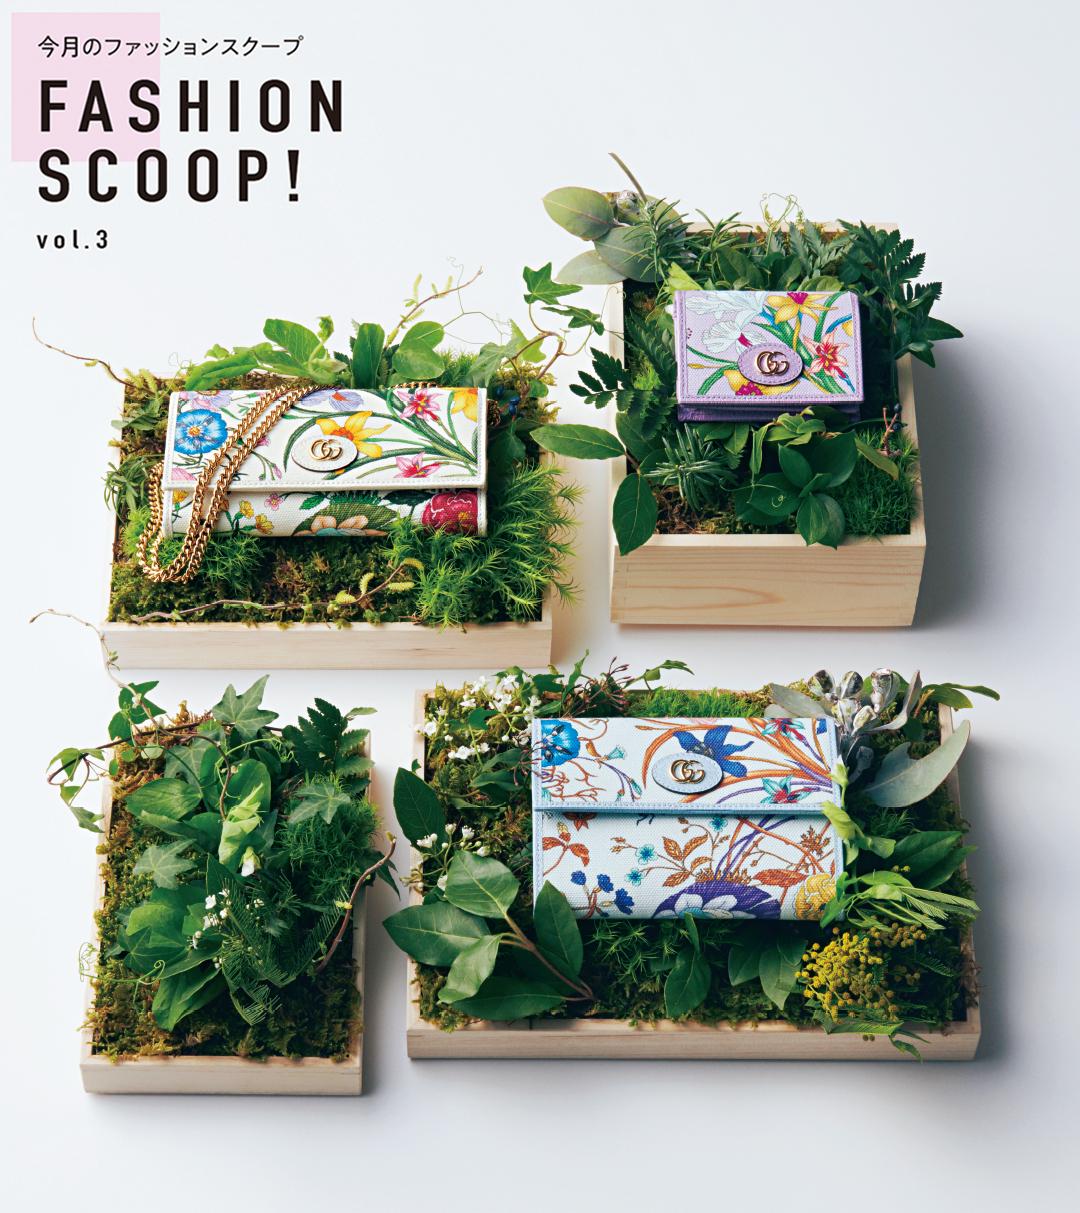 今月のファッションスクープ FASHION SCOOP! vol.3